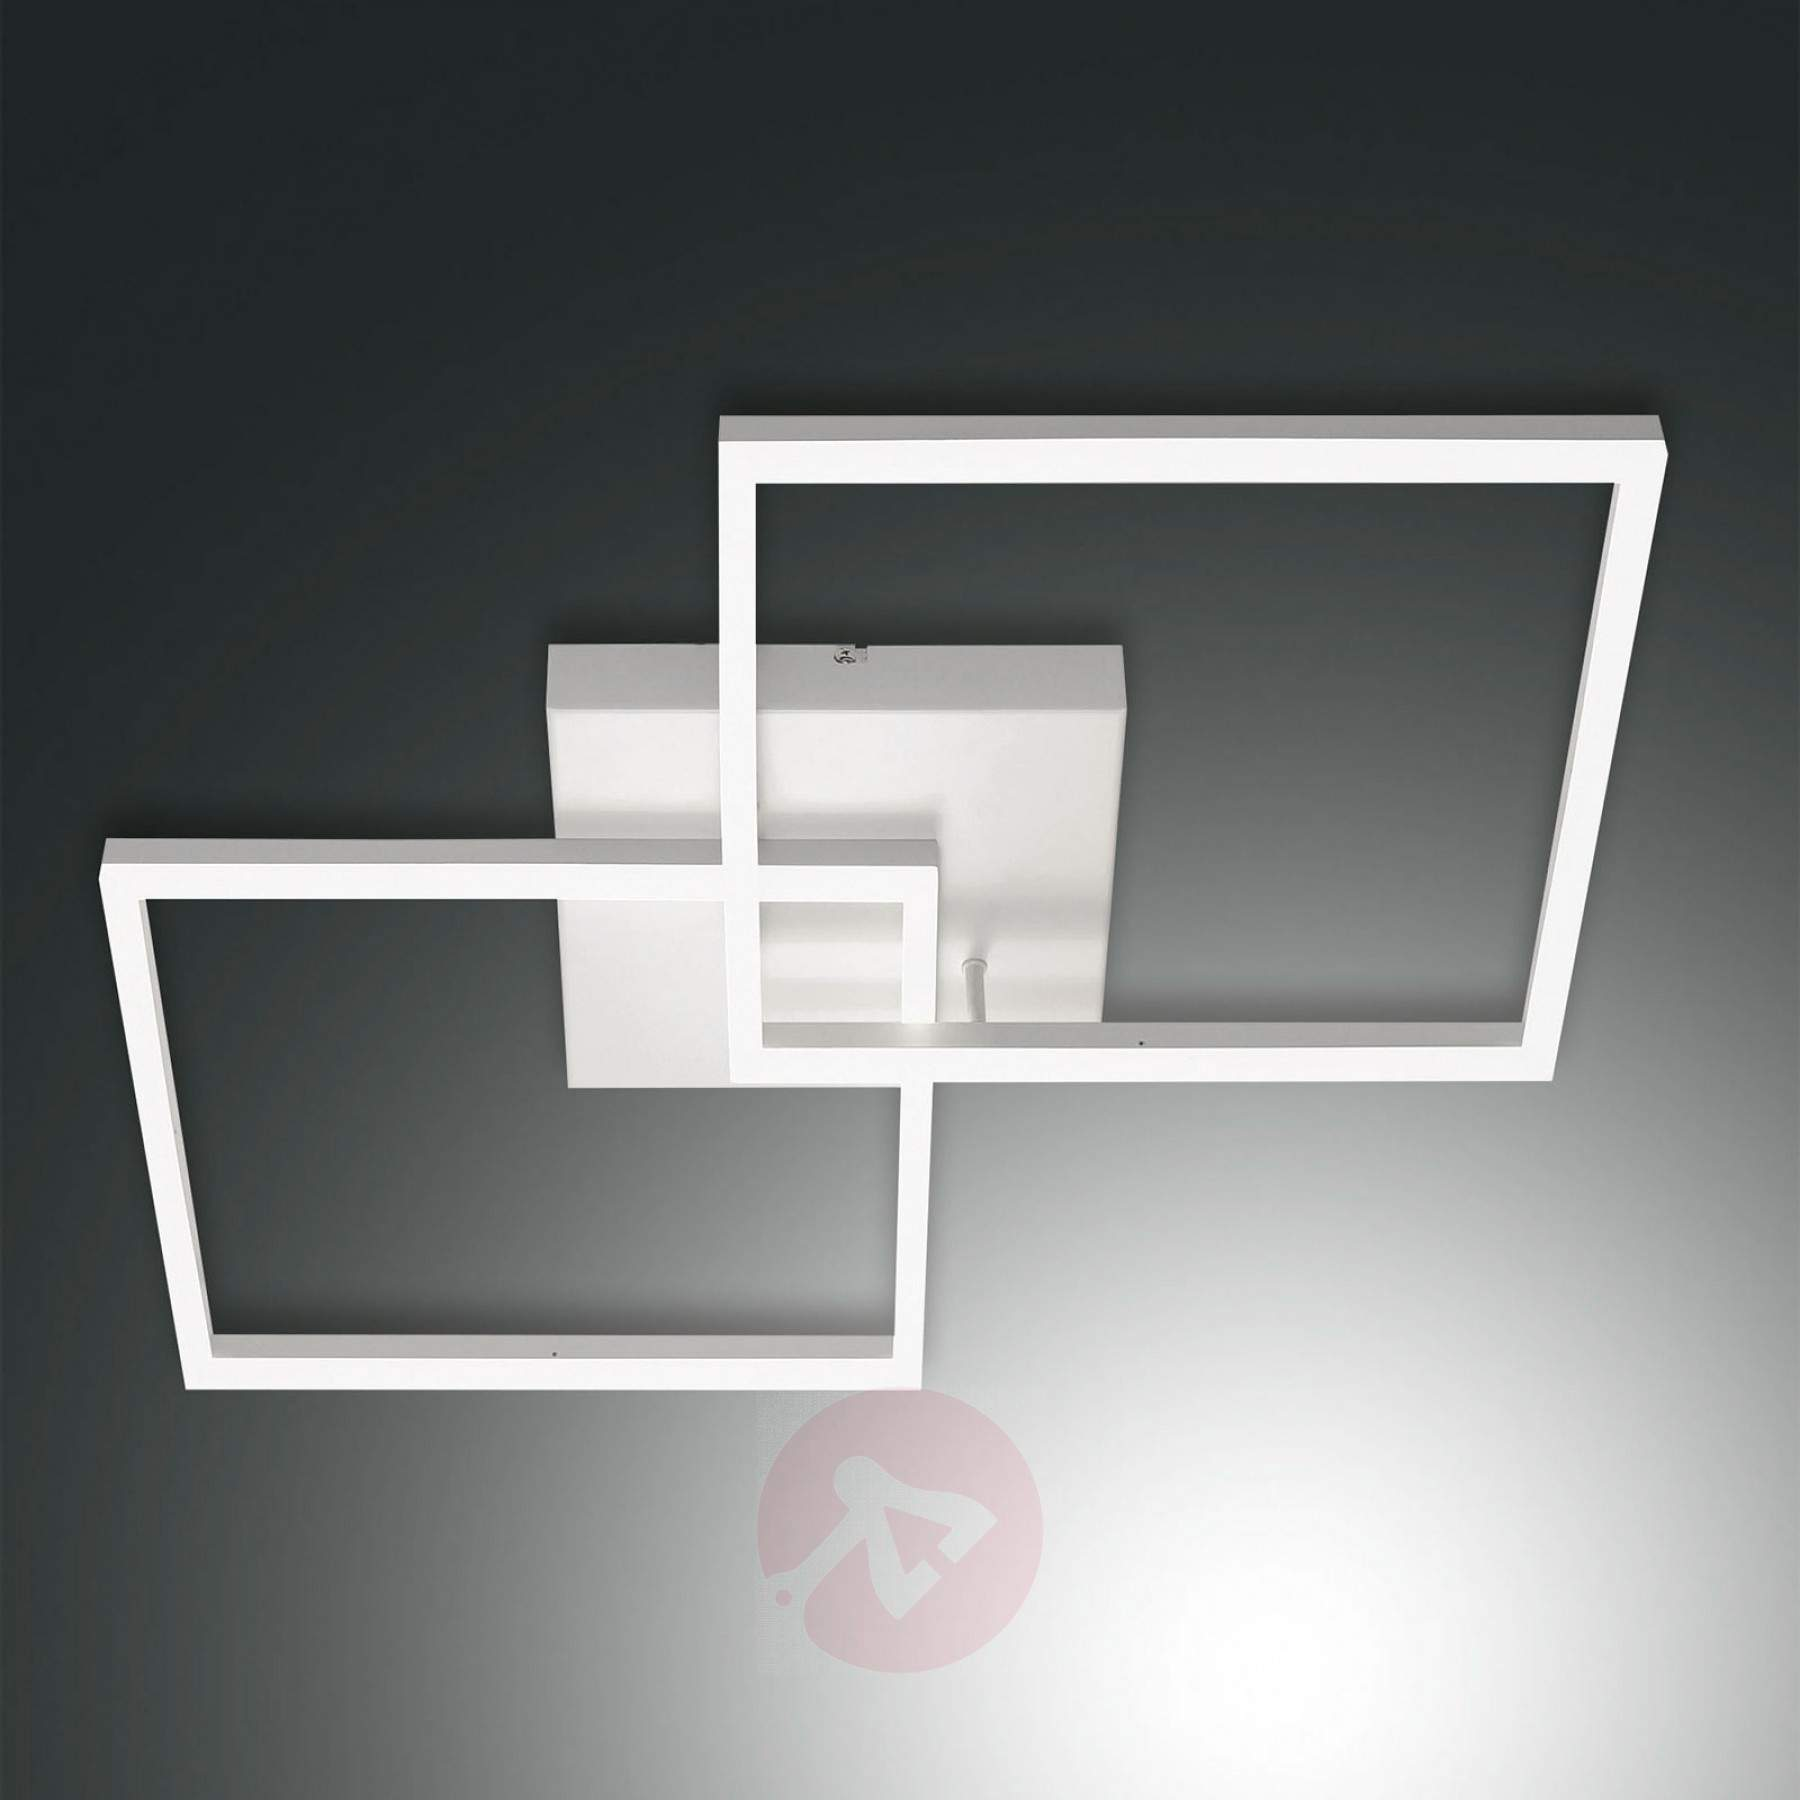 Full Size of Moderne Duschen Landhausküche Deckenlampen Wohnzimmer Modernes Sofa Für Bett Esstische Deckenleuchte 180x200 Bilder Fürs Modern Wohnzimmer Moderne Deckenlampen